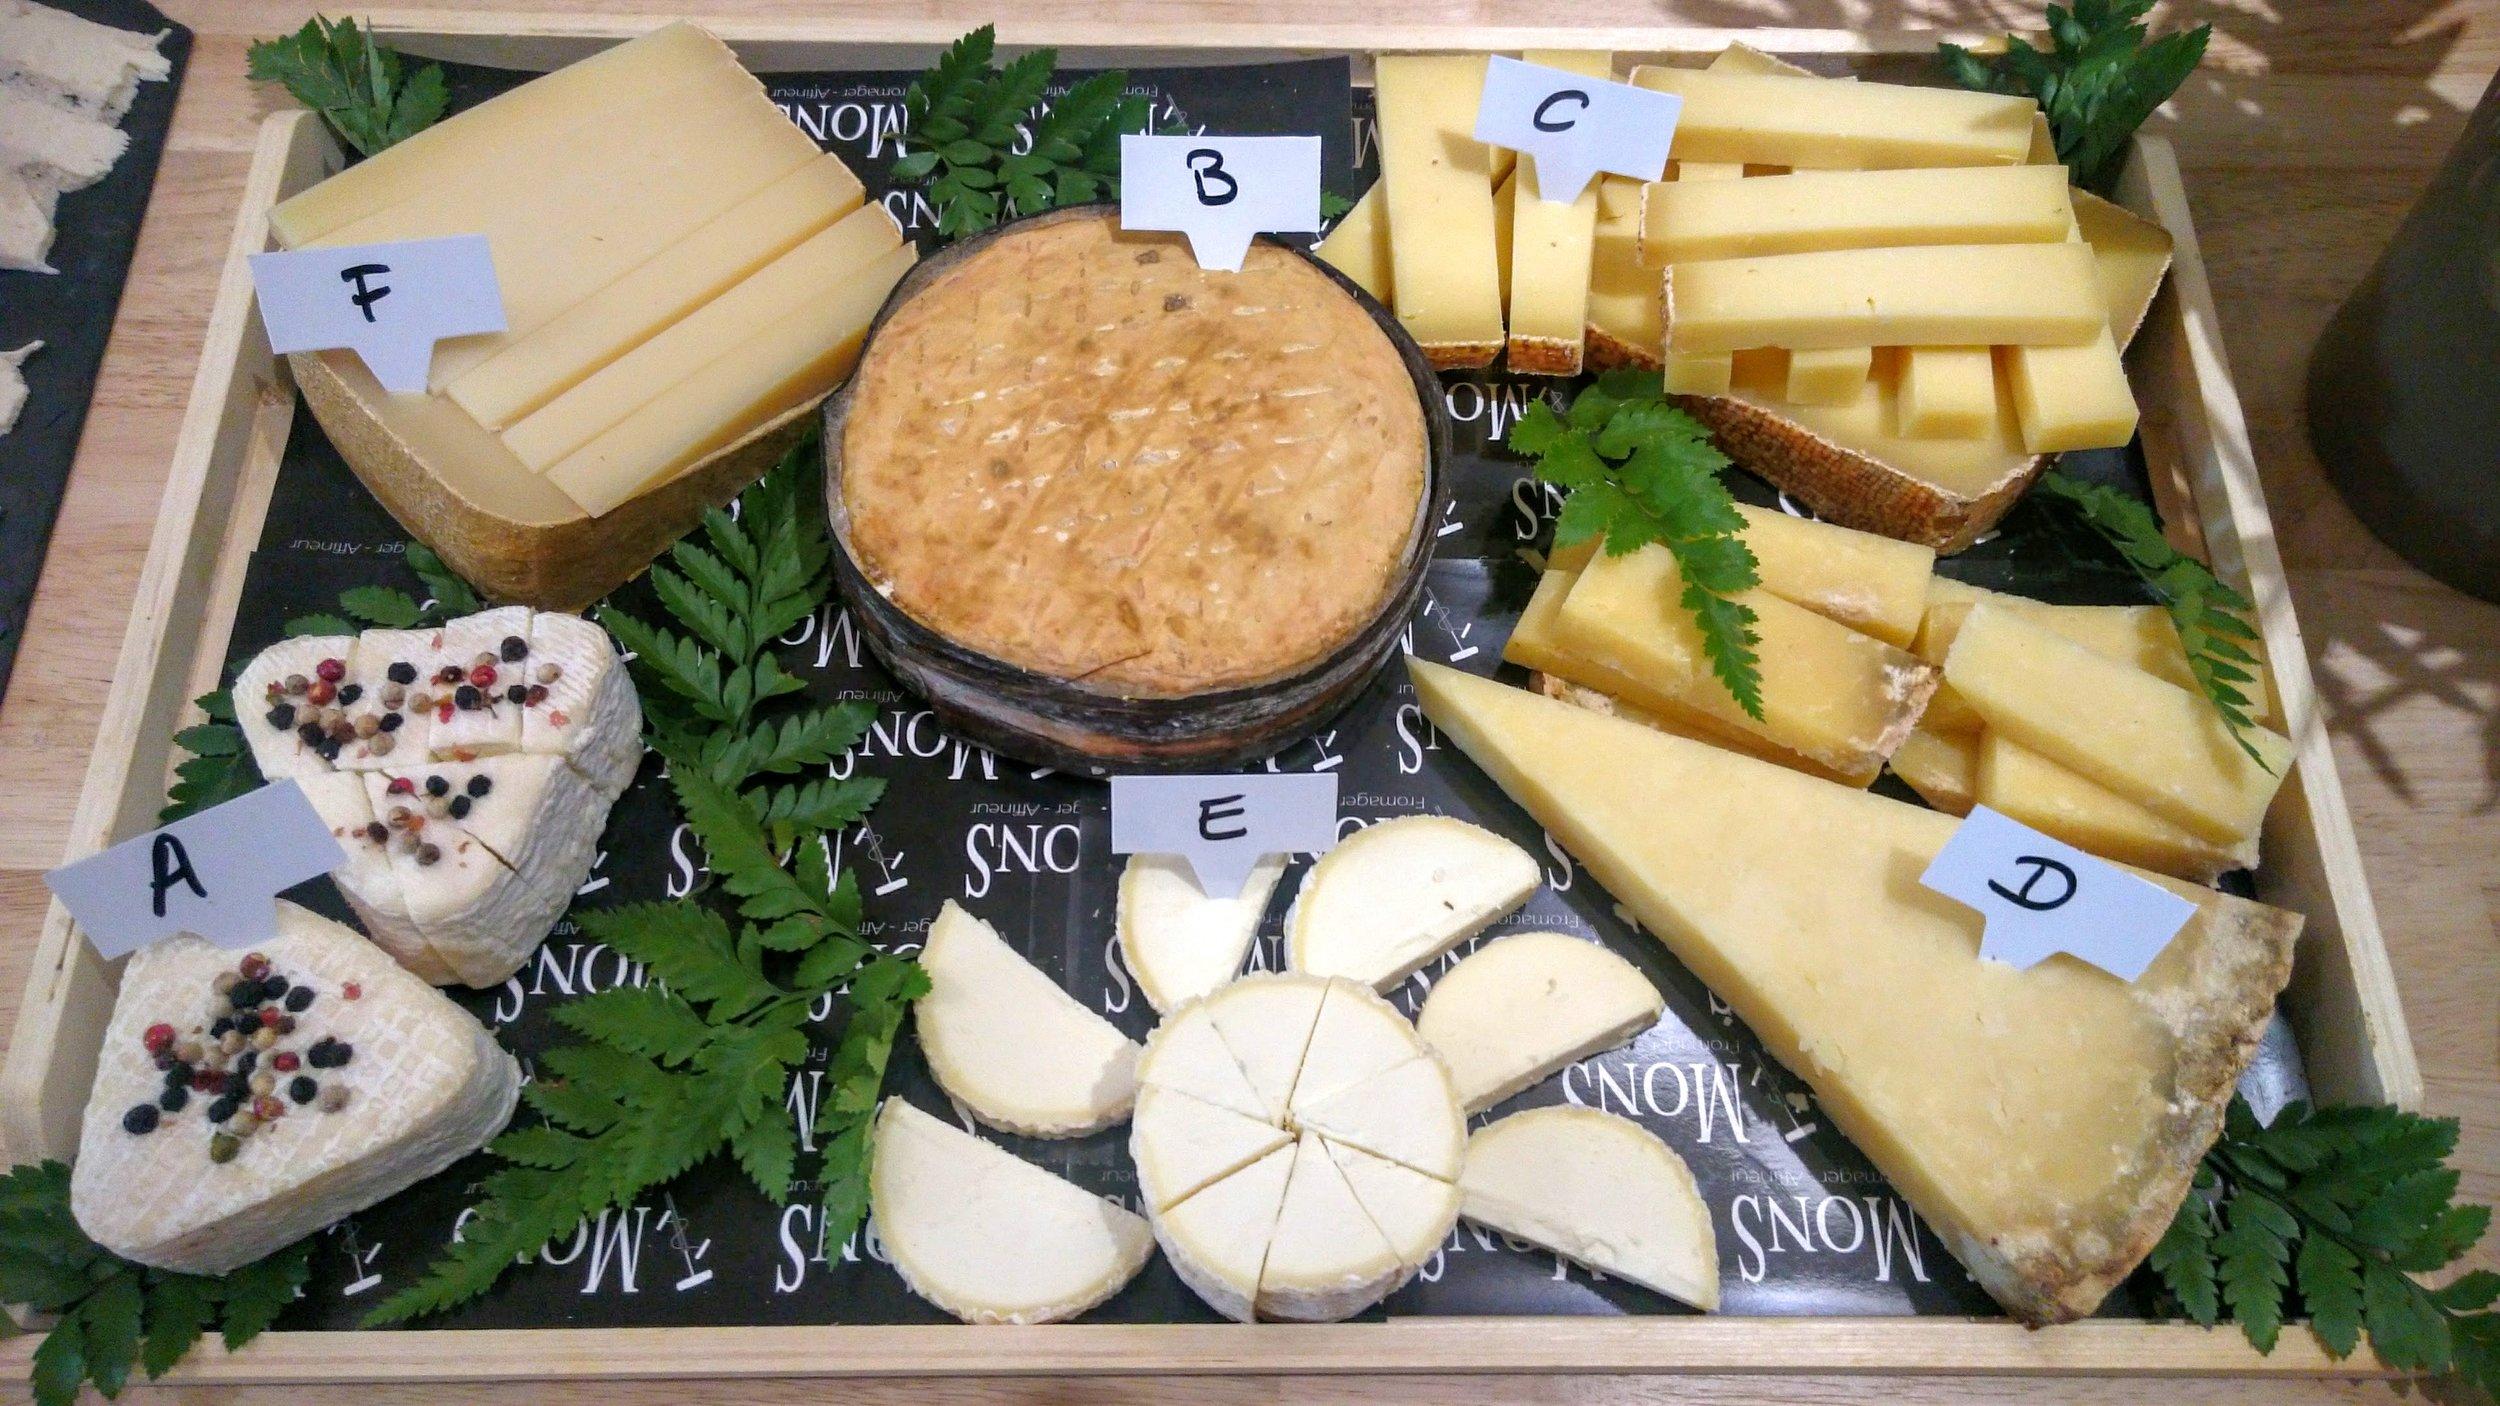 Dernière dégustation : A (Corns de diable, fromage de chèvre), B (Vacherin d'Arèches), C (Etivaz, fromage suisse d'alpage), D (Salers), E (St Haônnais, fromage de chèvre et vache 50/50 création Mons), F (Ossau-Iraty)